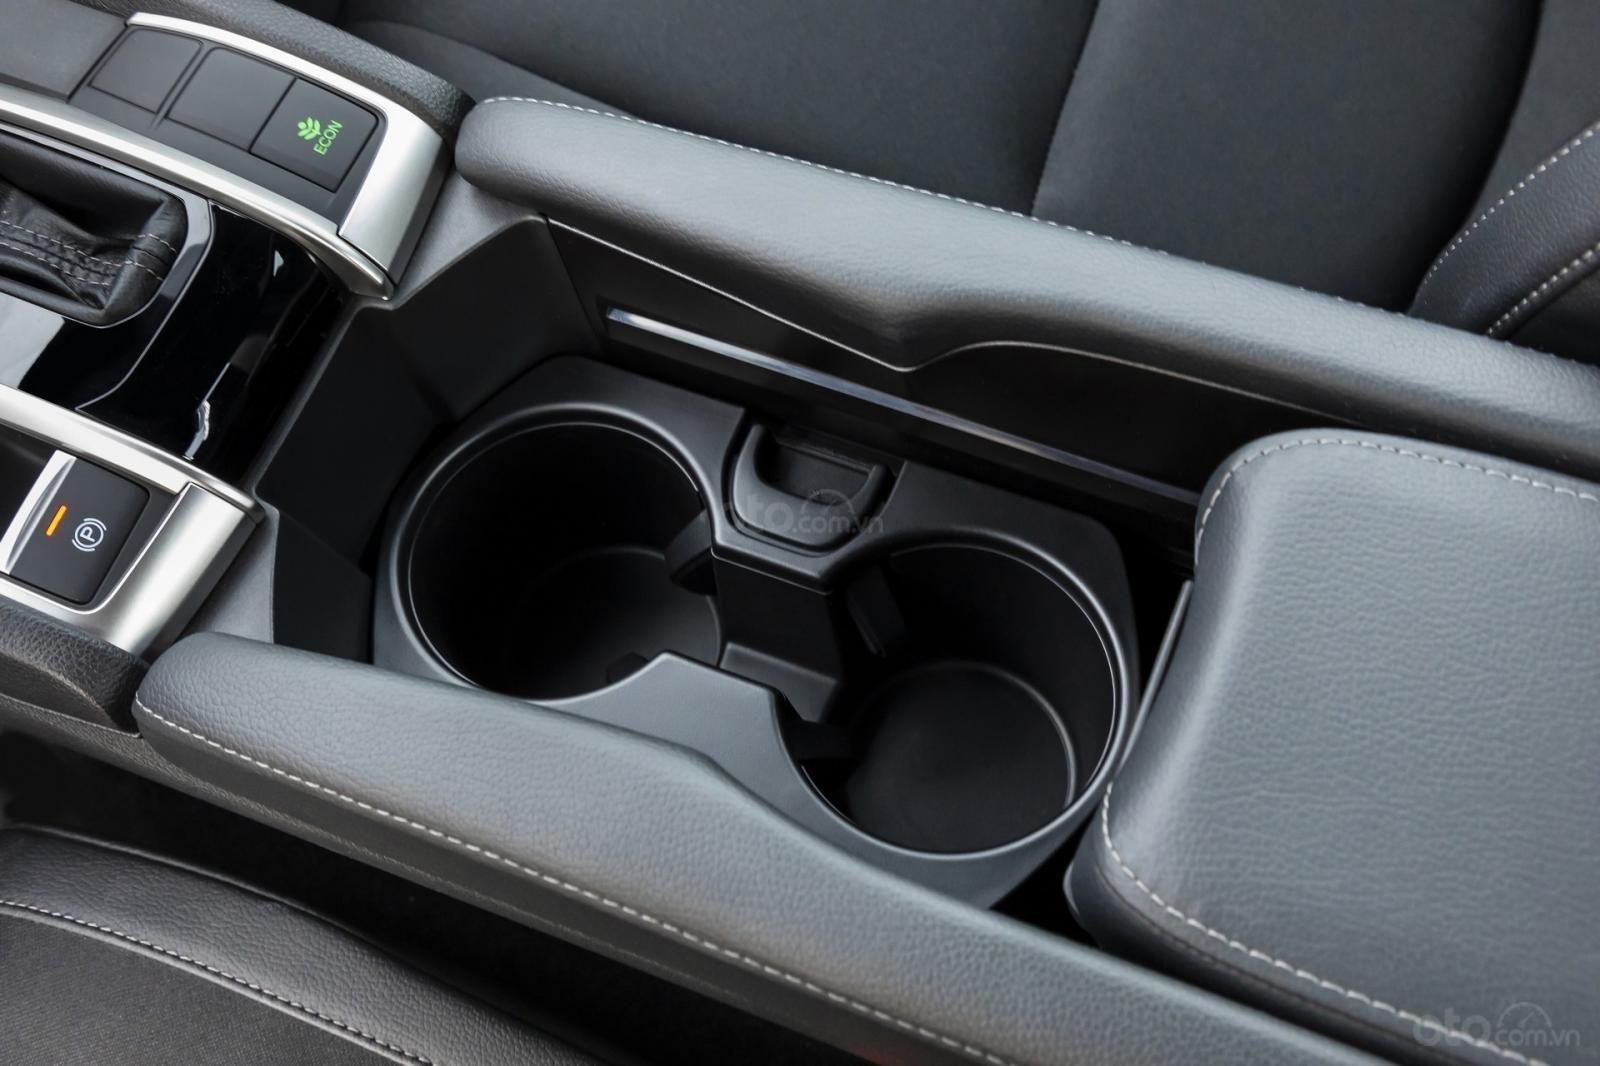 Siêu khuyến mãi Honda Civic 2020 nhập khẩu, khuyến mại 80 triệu tiền mặt, phụ kiện (10)